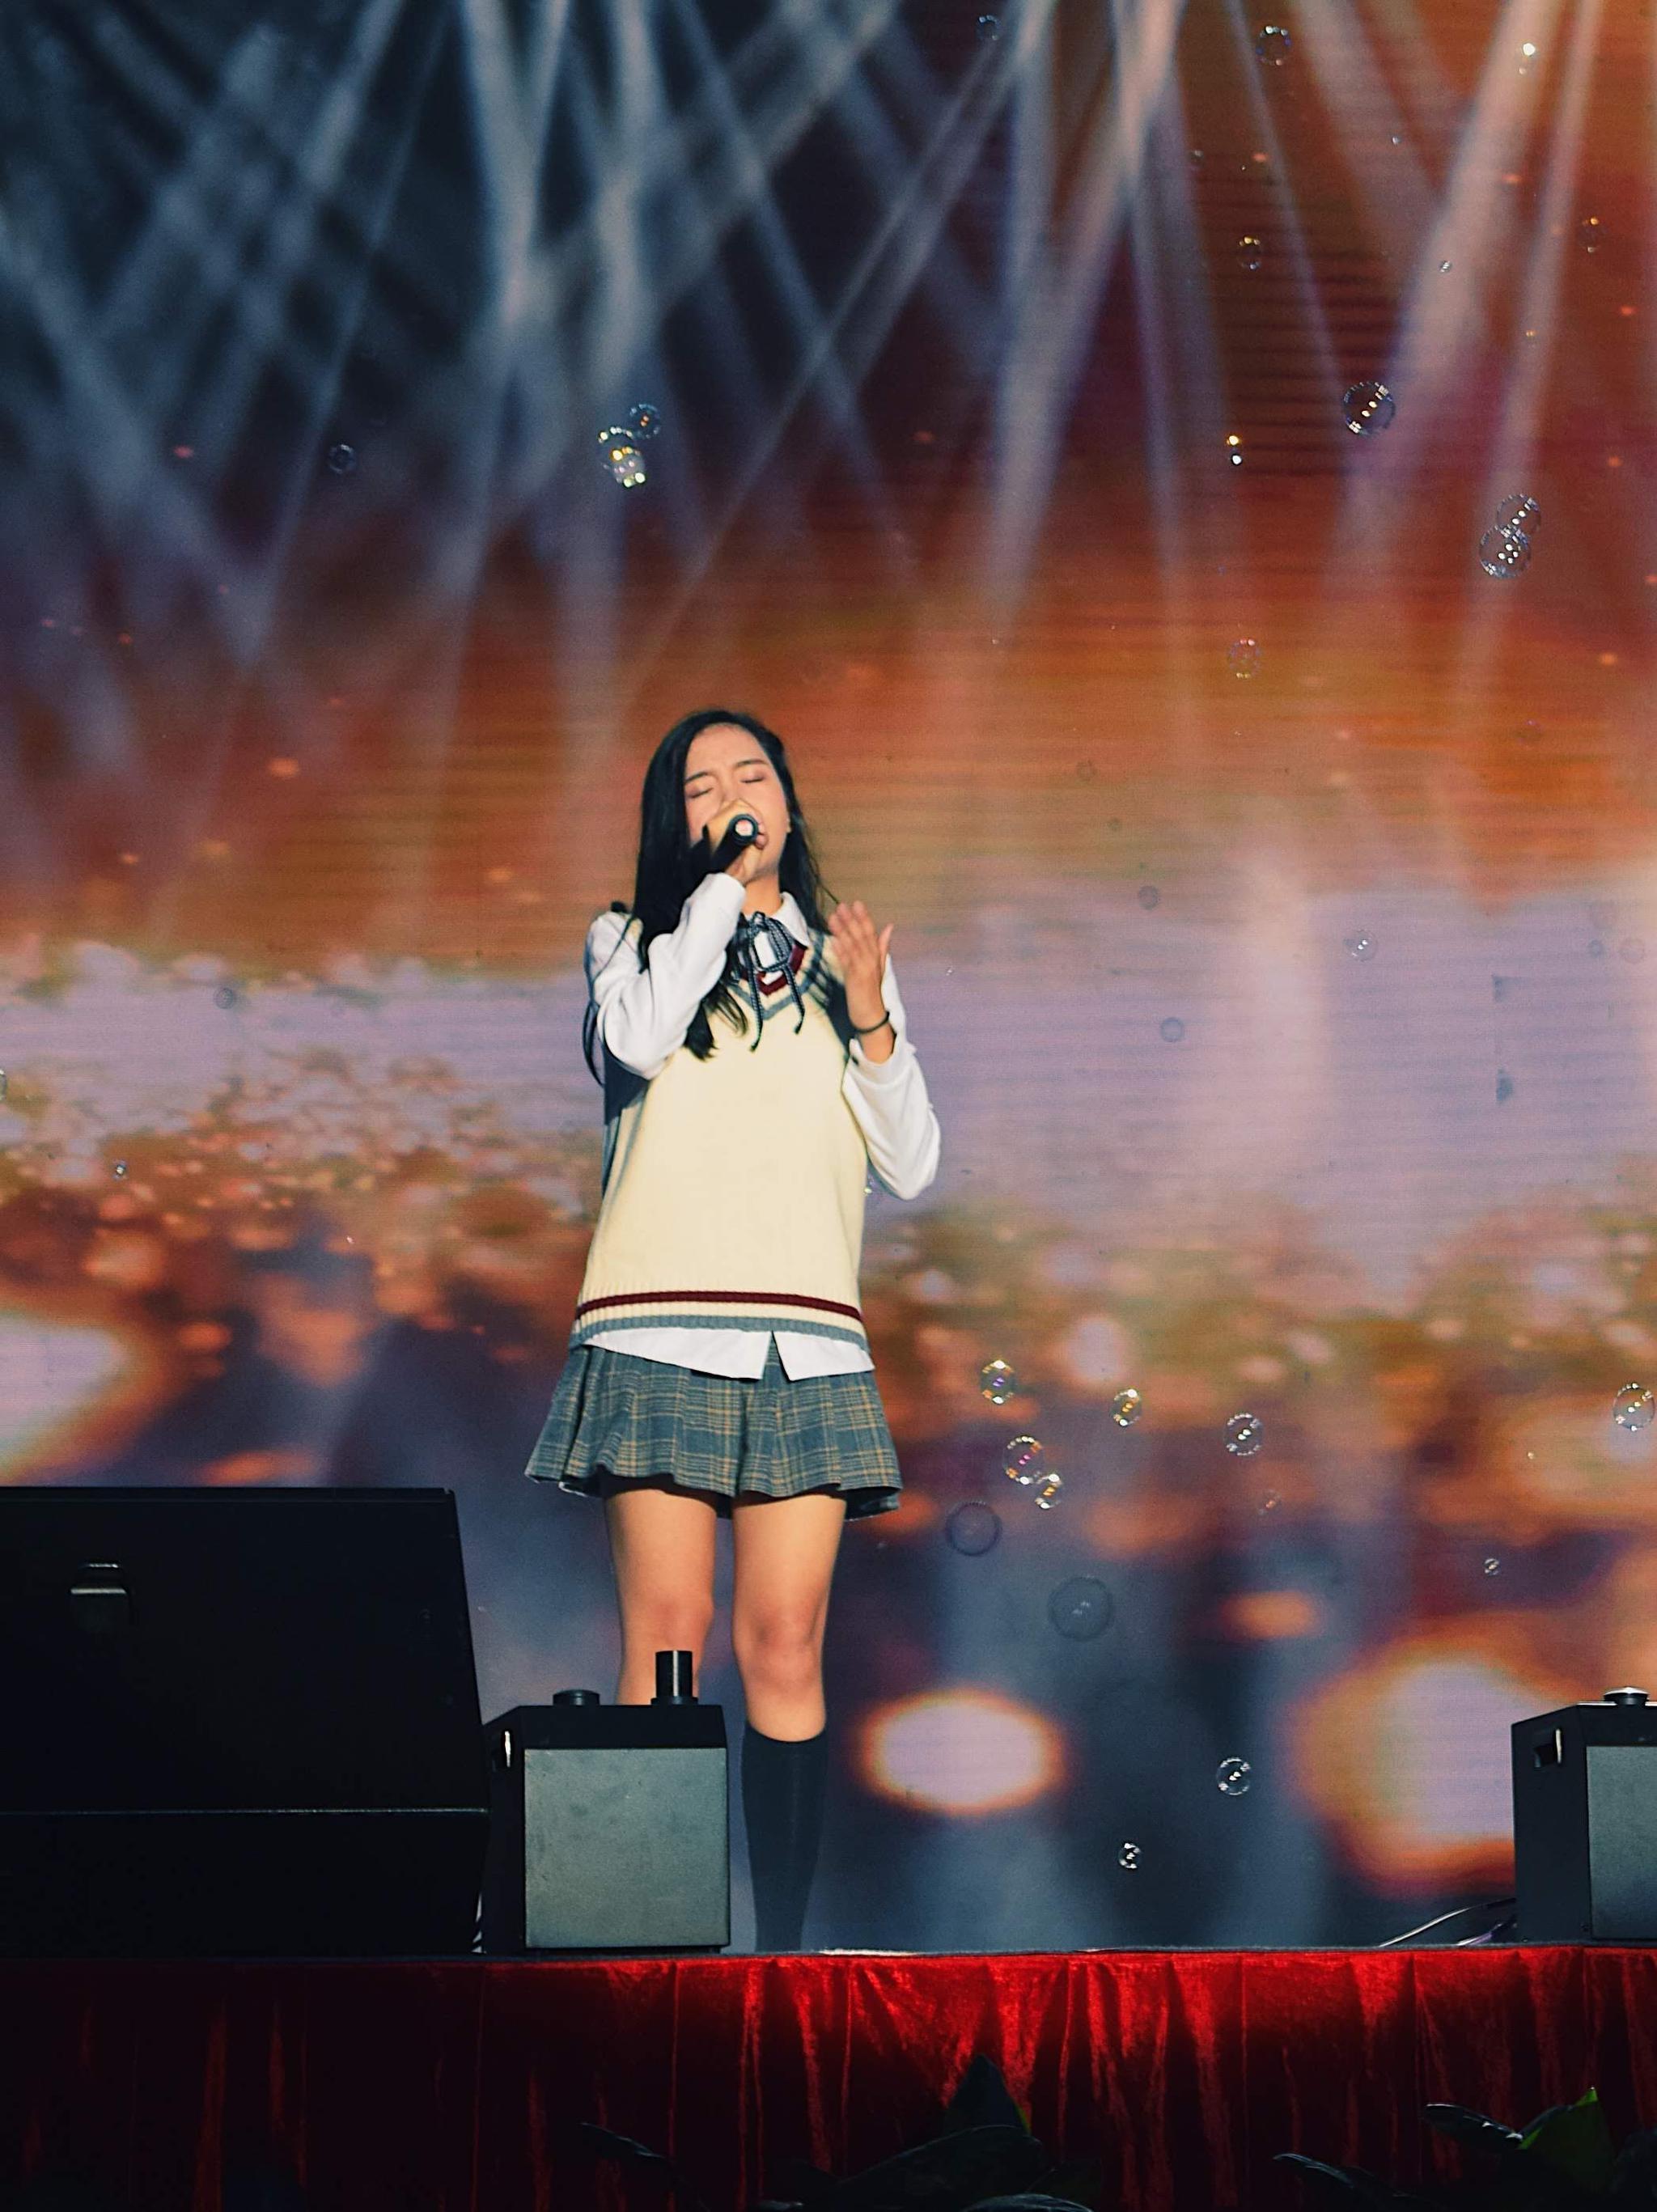 新歌声学员陈颖恩亮相深圳演唱 与千位学生共迎新年